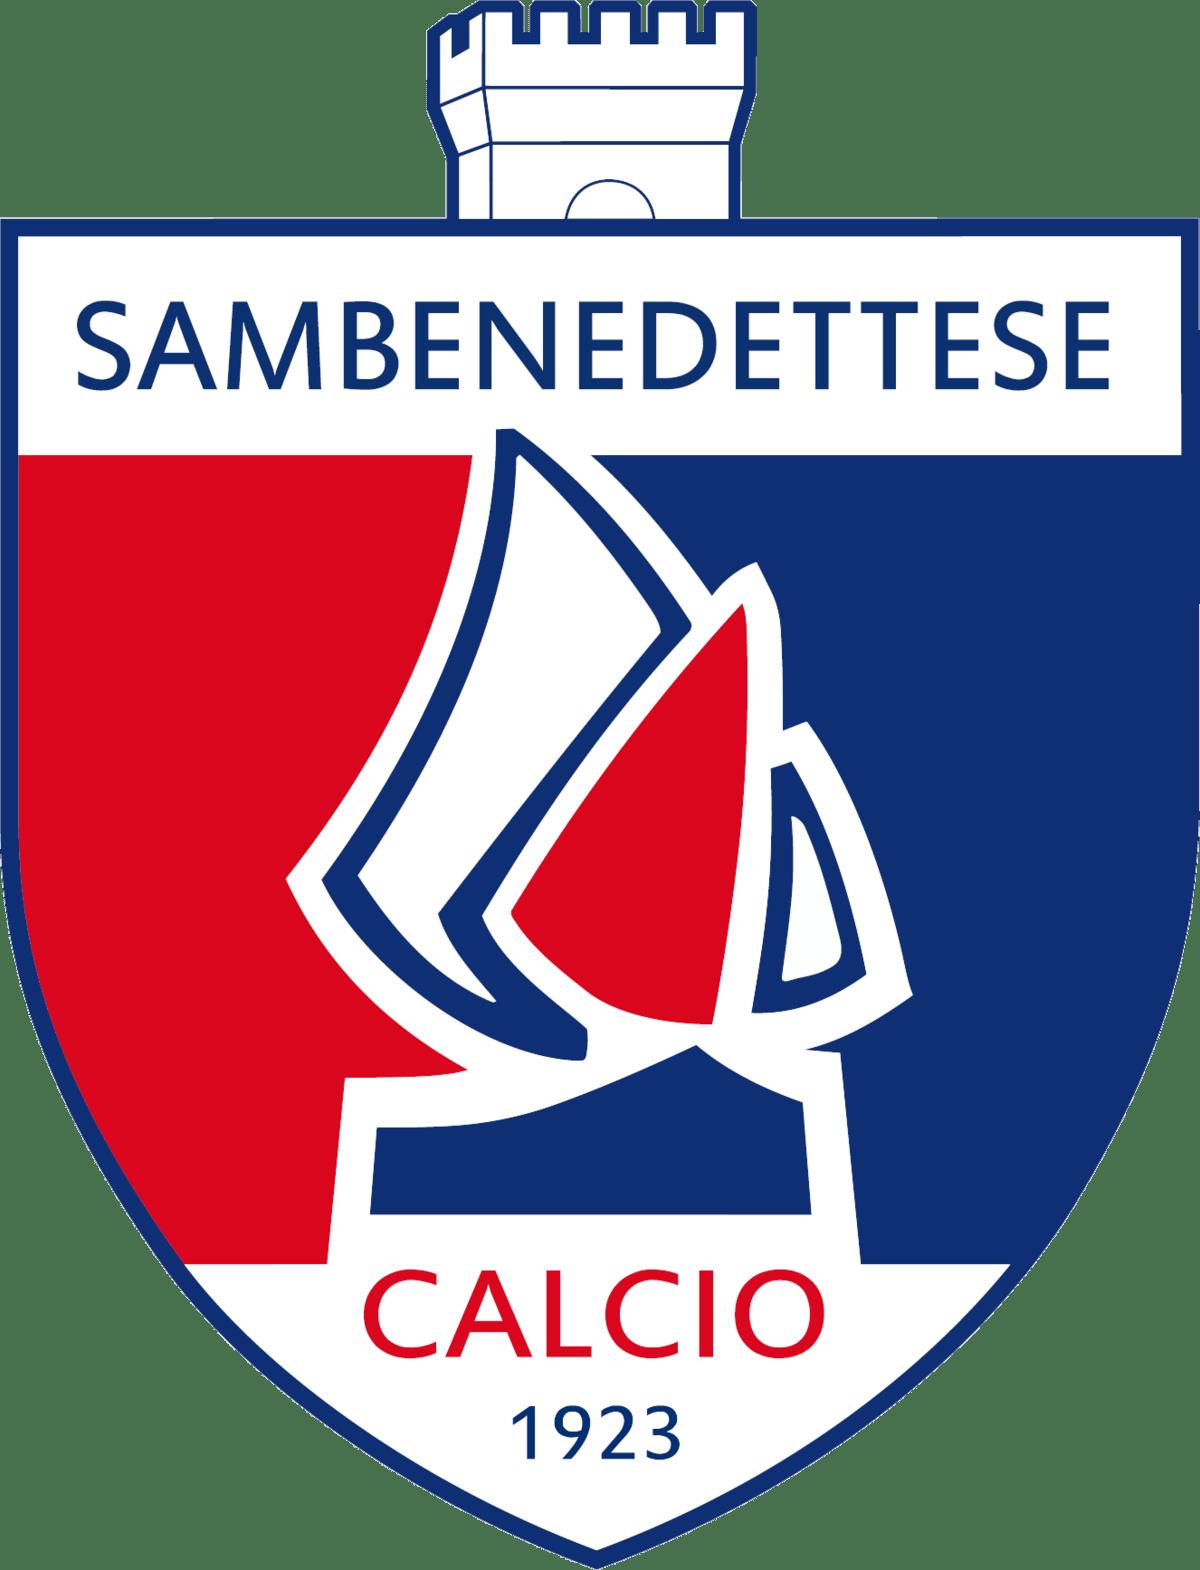 Societ Sportiva Sambenedettese  Wikipedia